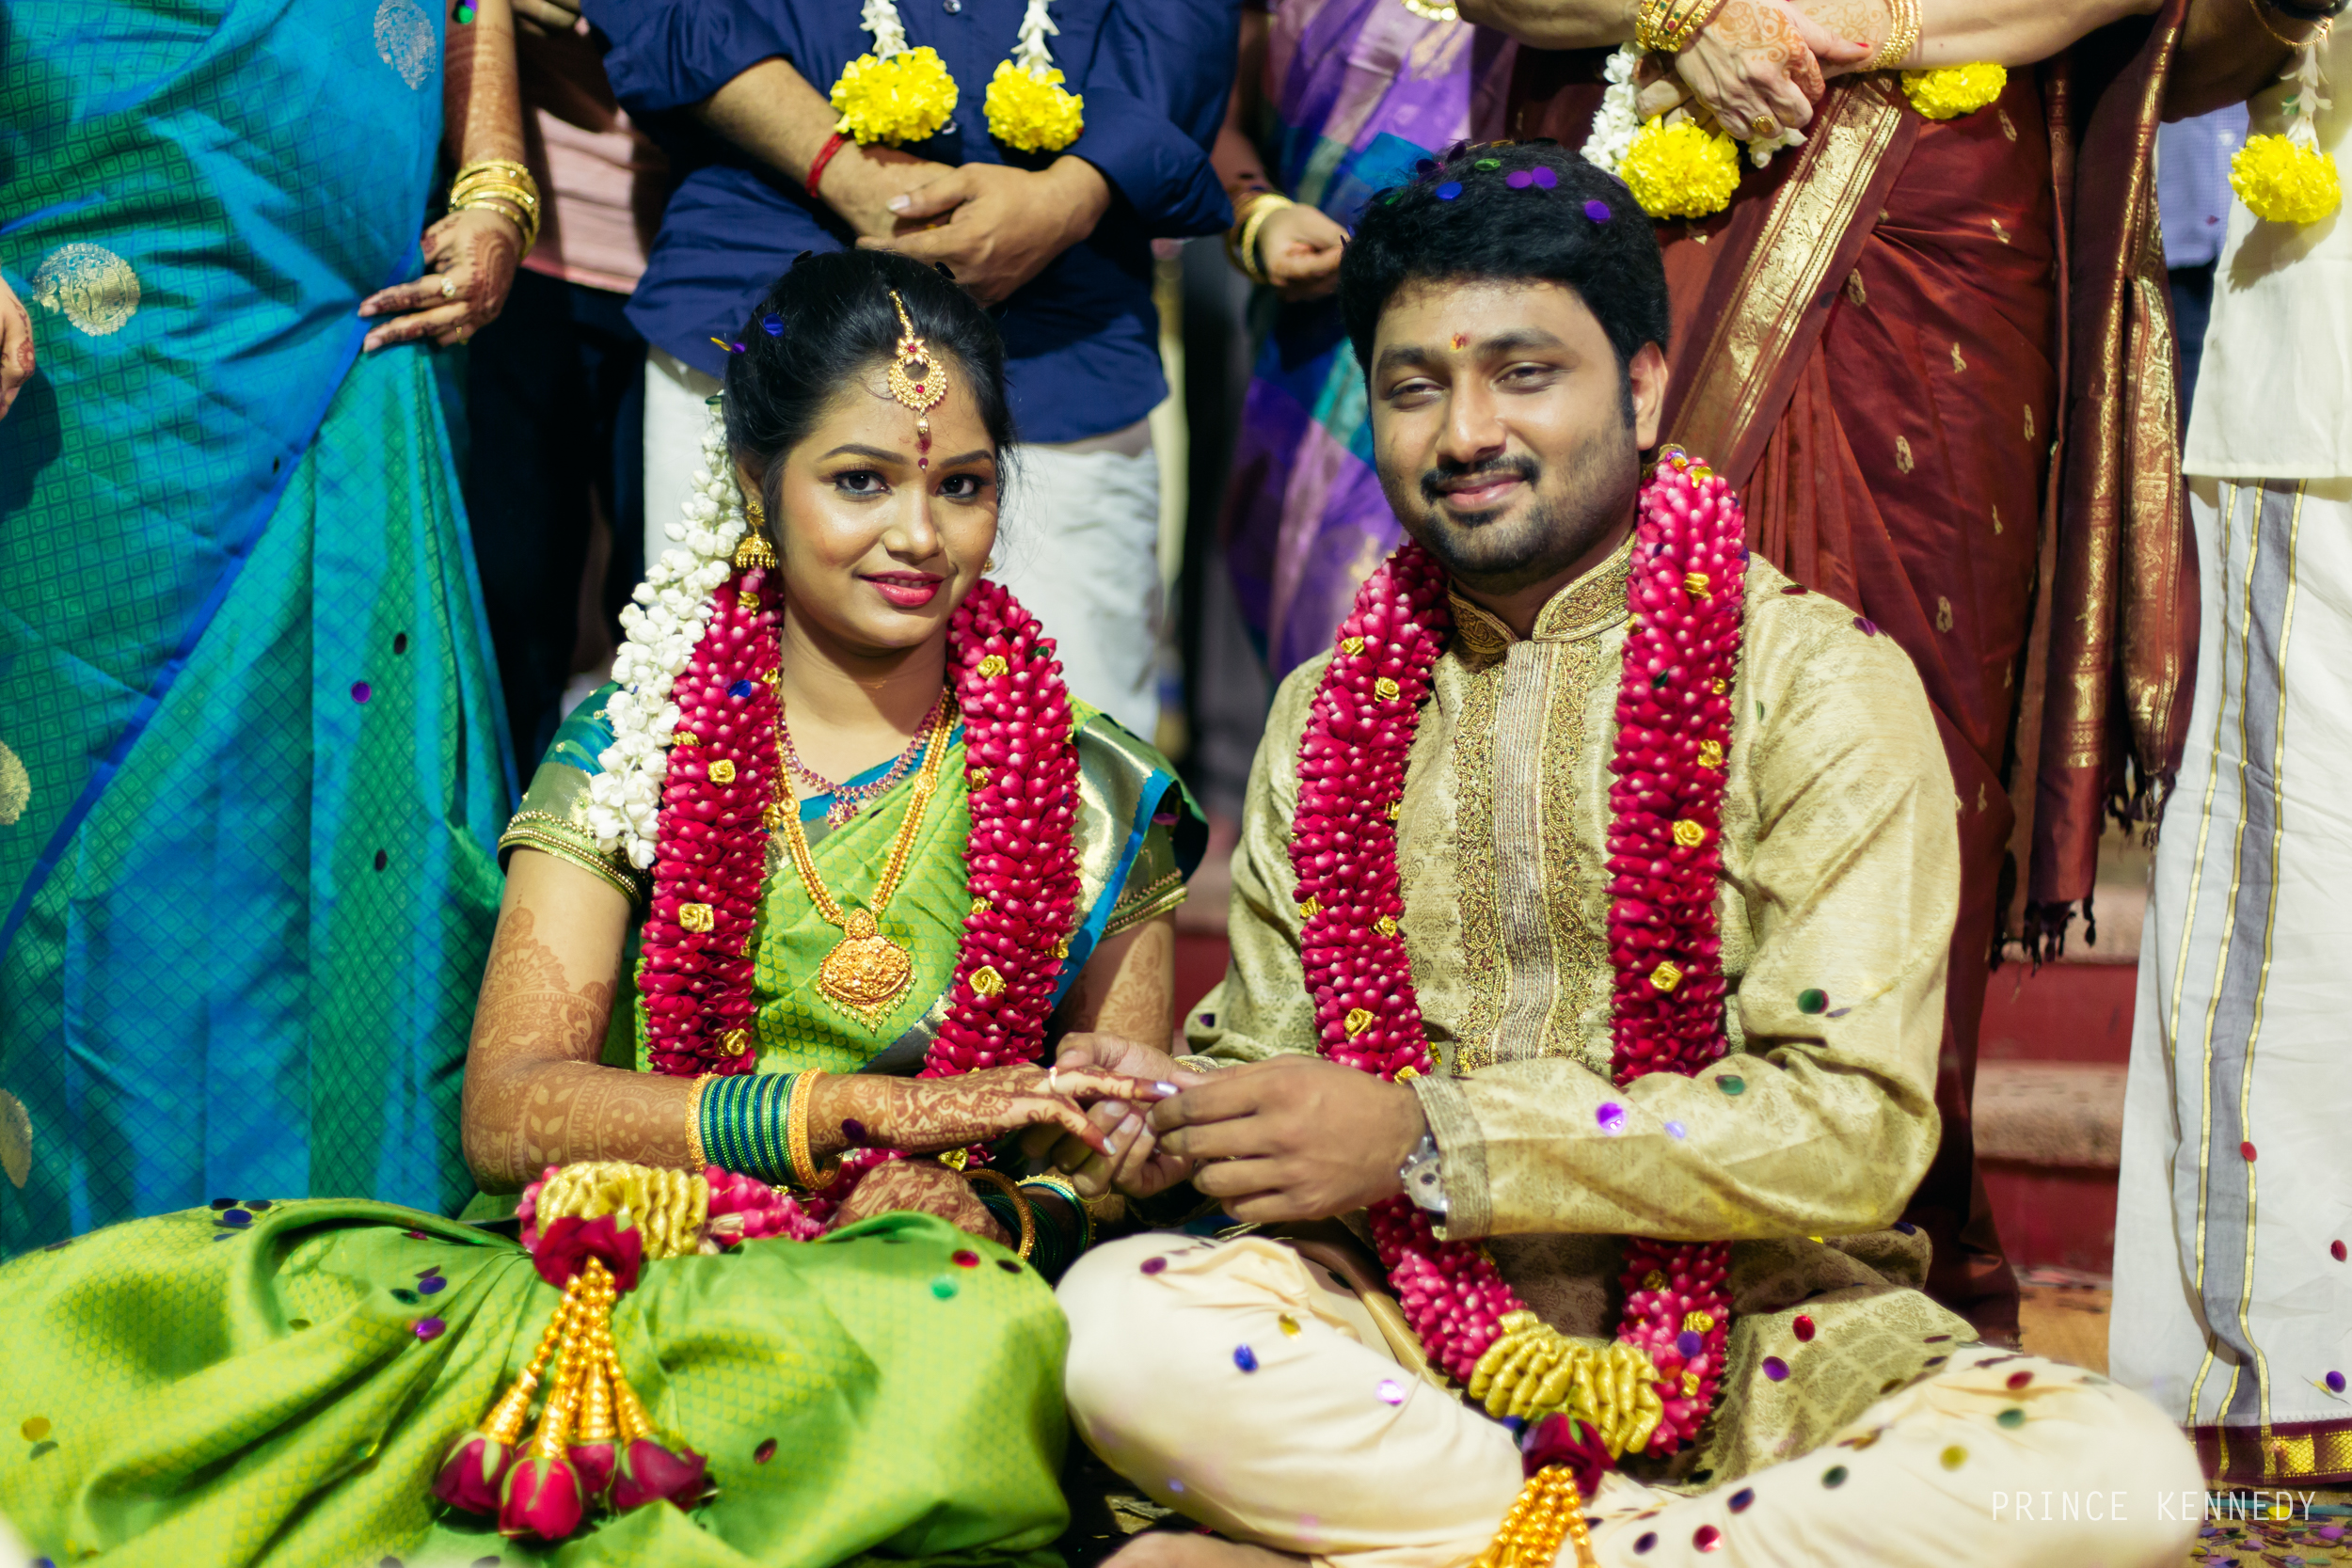 Engagement-Couple-Portrait-Portraiture-Wedding-Couple-Portrait-Chennai-Photographer-Candid-Photography-Destination-Best-Prince-Kennedy-Photography-238.jpg